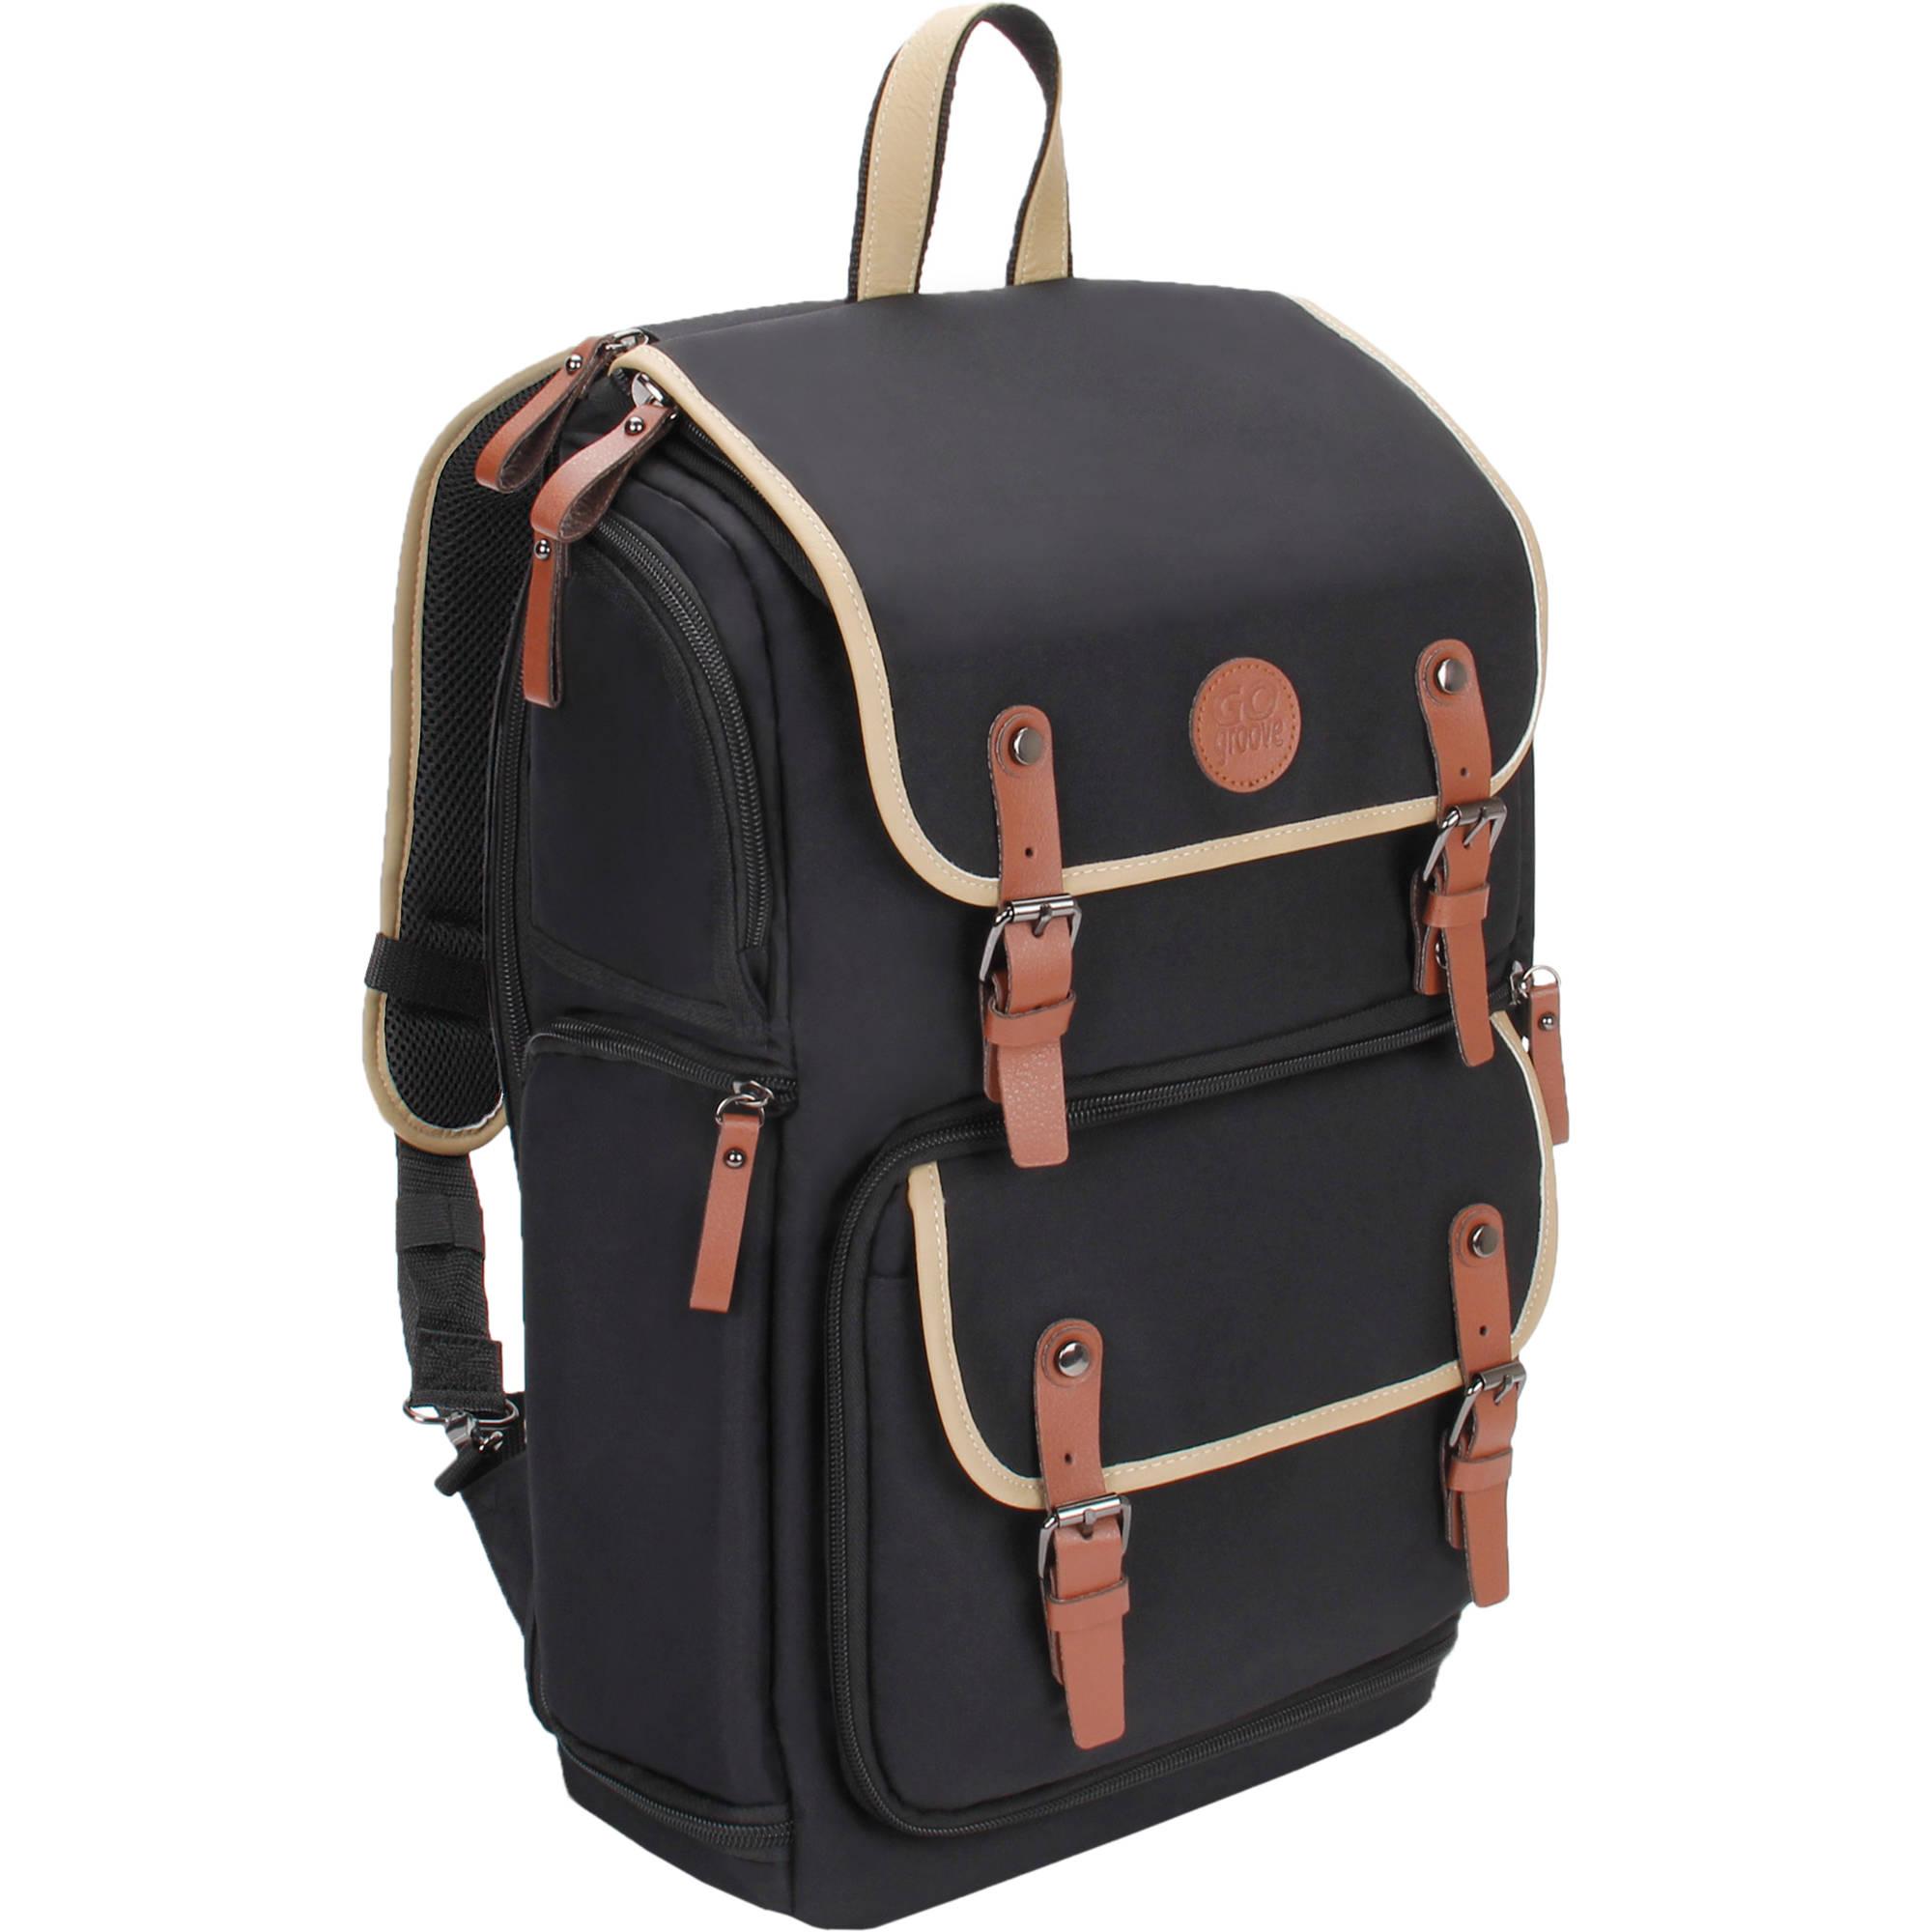 Best Dslr Backpack 2020 GOgroove DSLR Camera Backpack (Green) GGBCCBK100GNEW B&H Photo